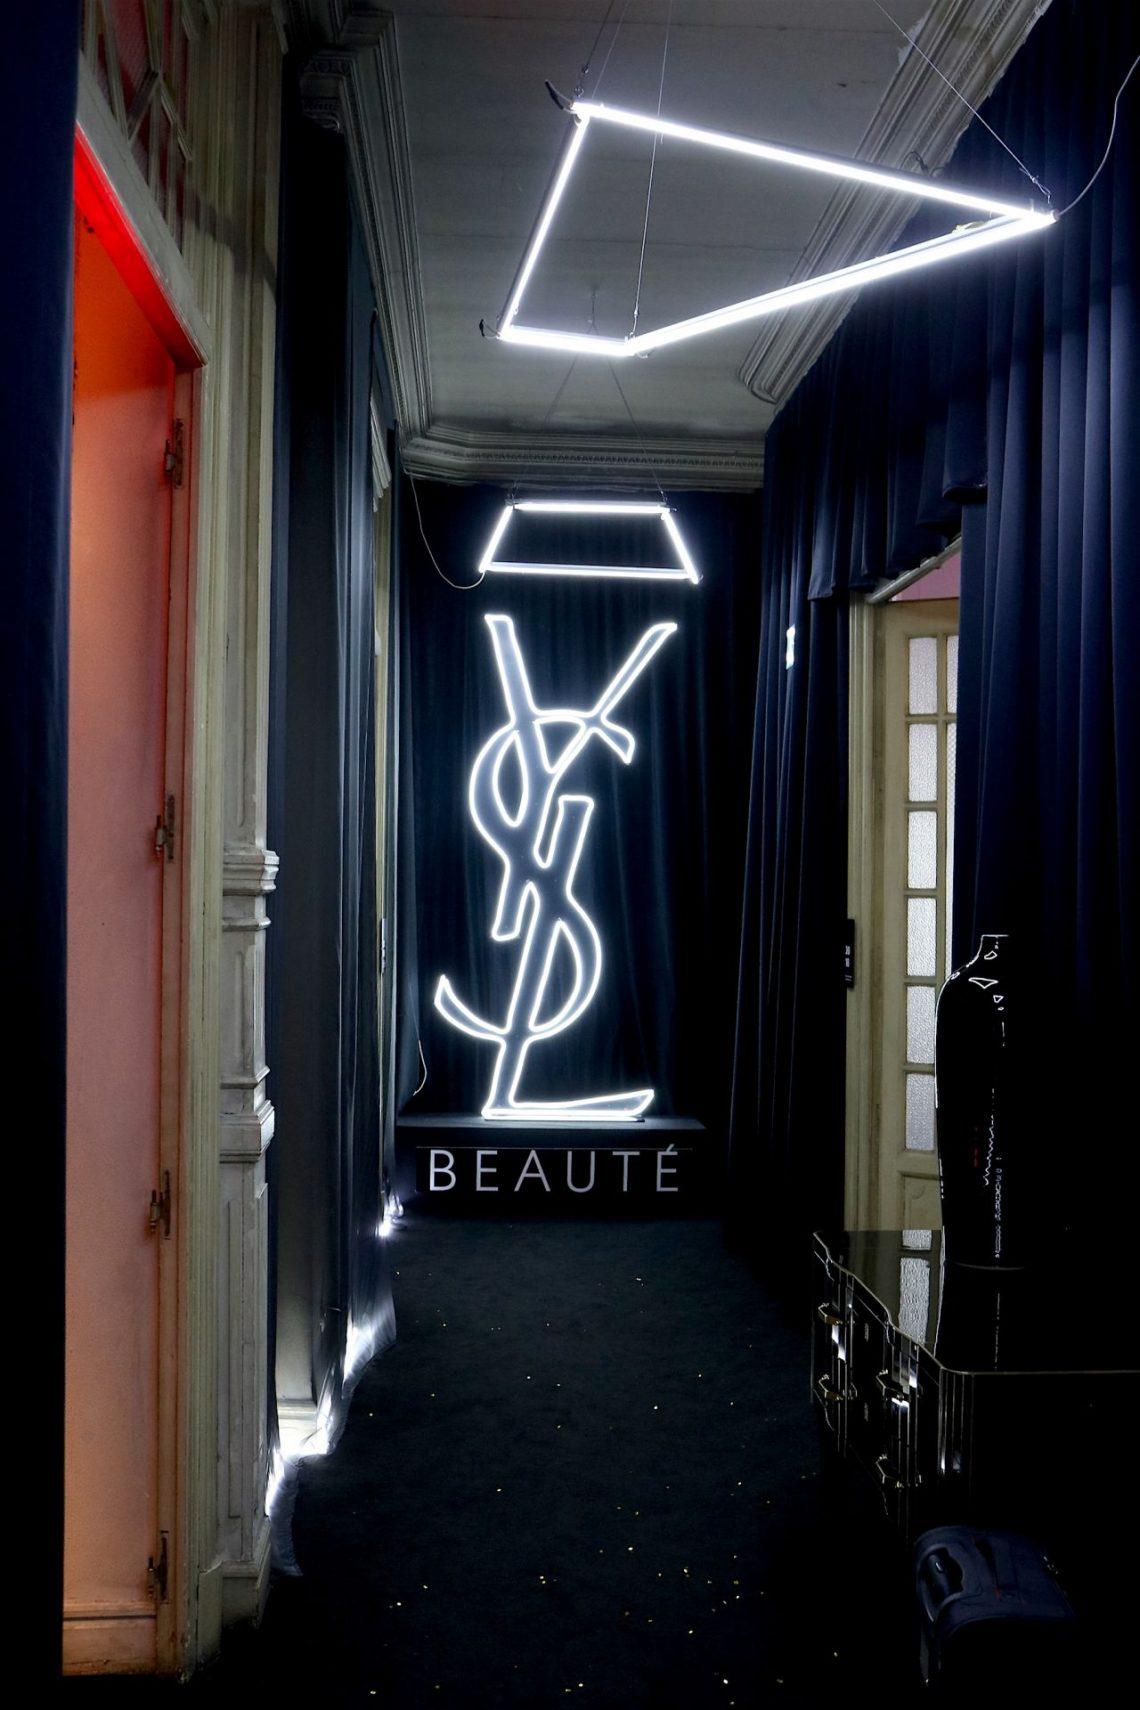 Entramos en el espectacular hotel efímero de Yves Saint Laurent en Madrid y recorremos sus estancias ¿preparados para el check-in?